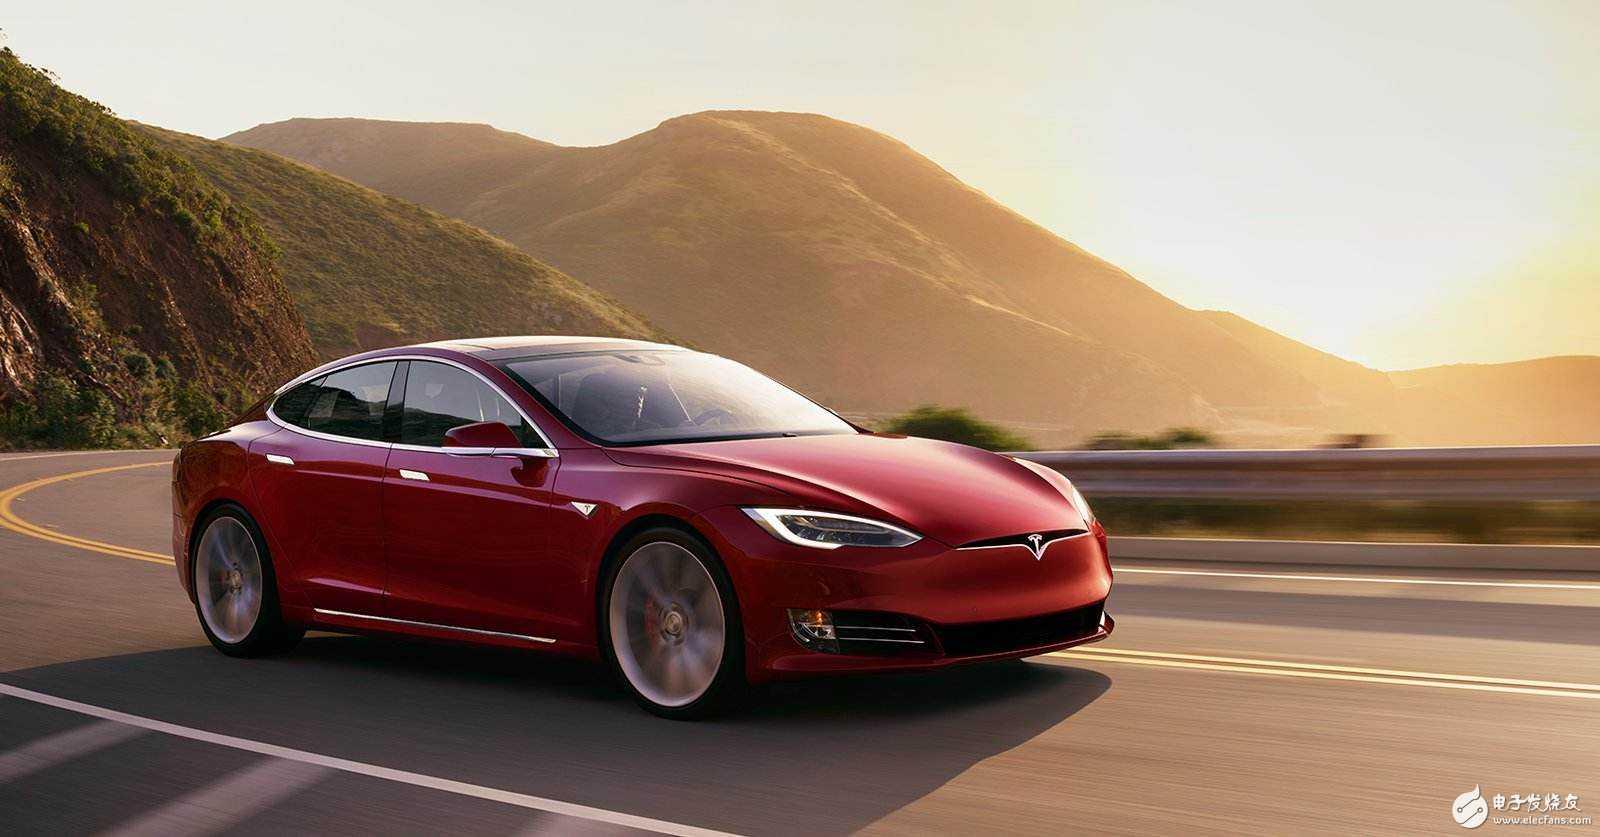 特斯拉Model S失去最安全汽车头衔?